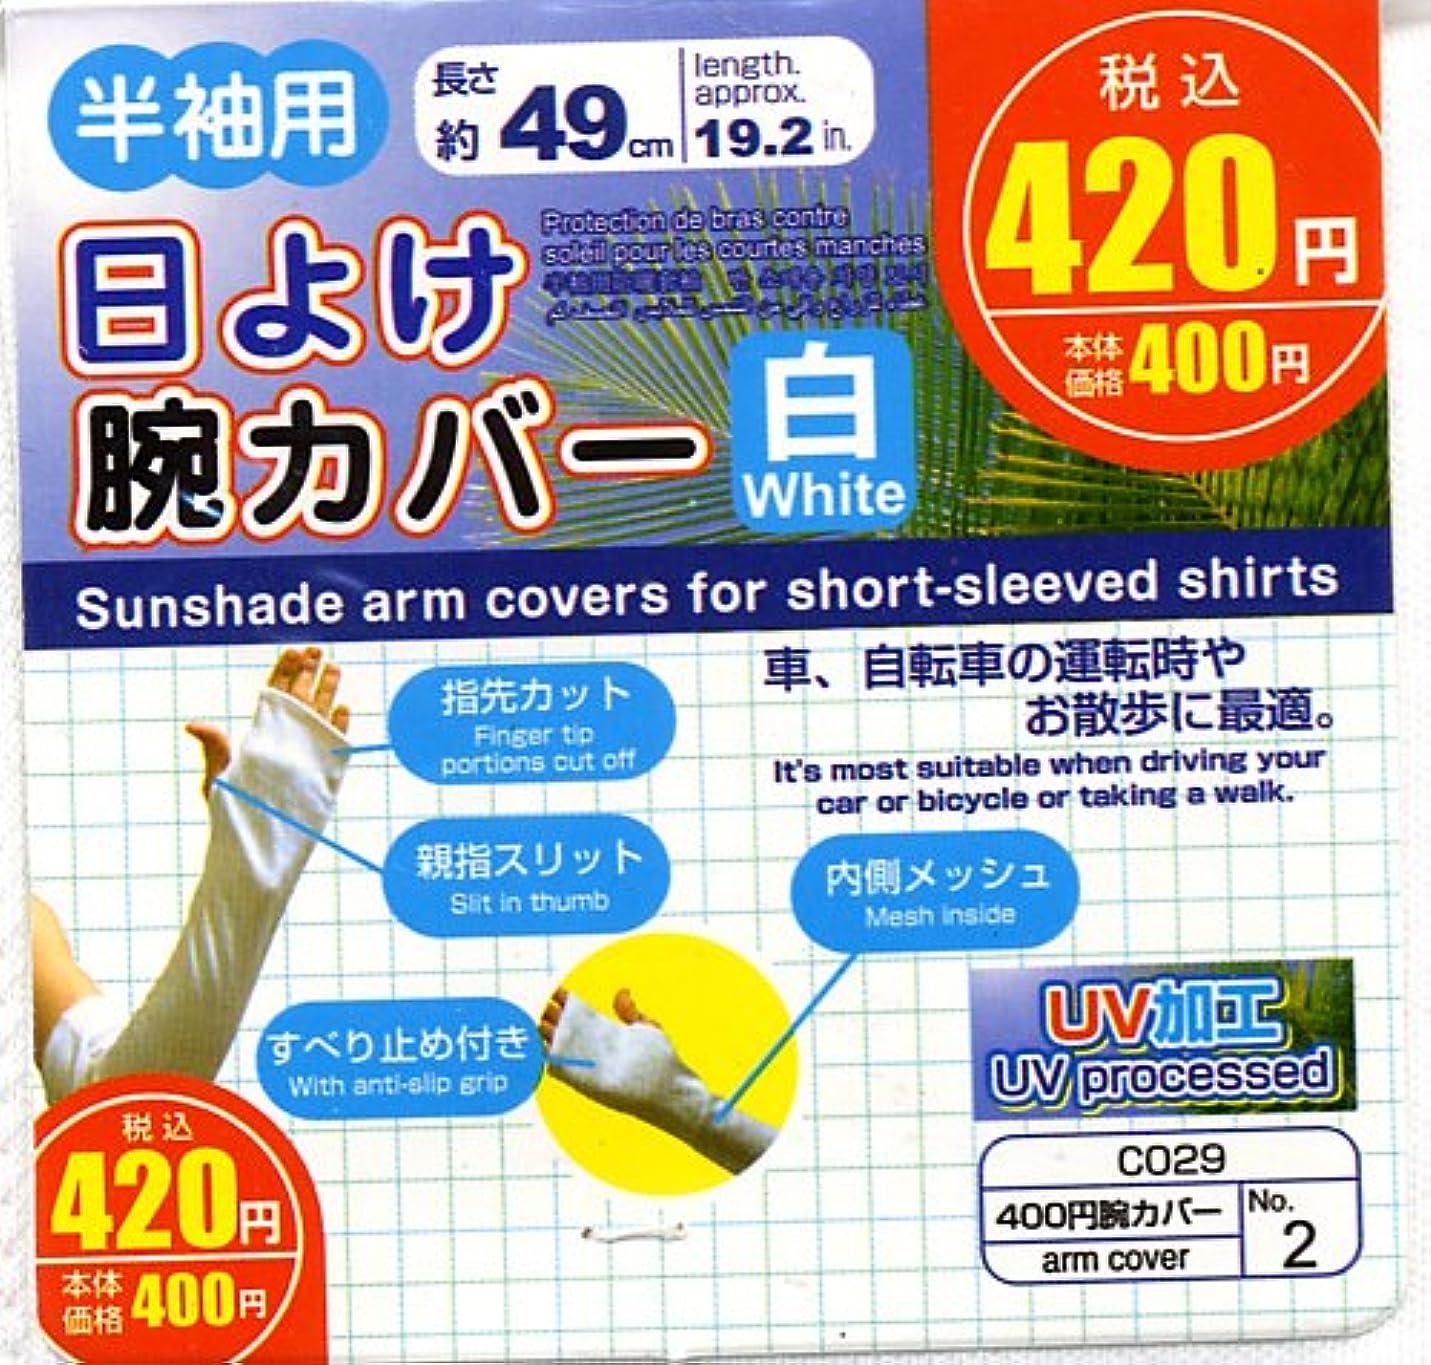 空洞メルボルン排他的紫外線対策に!UVカットでお肌を紫外線から守る!日よけ腕カバー